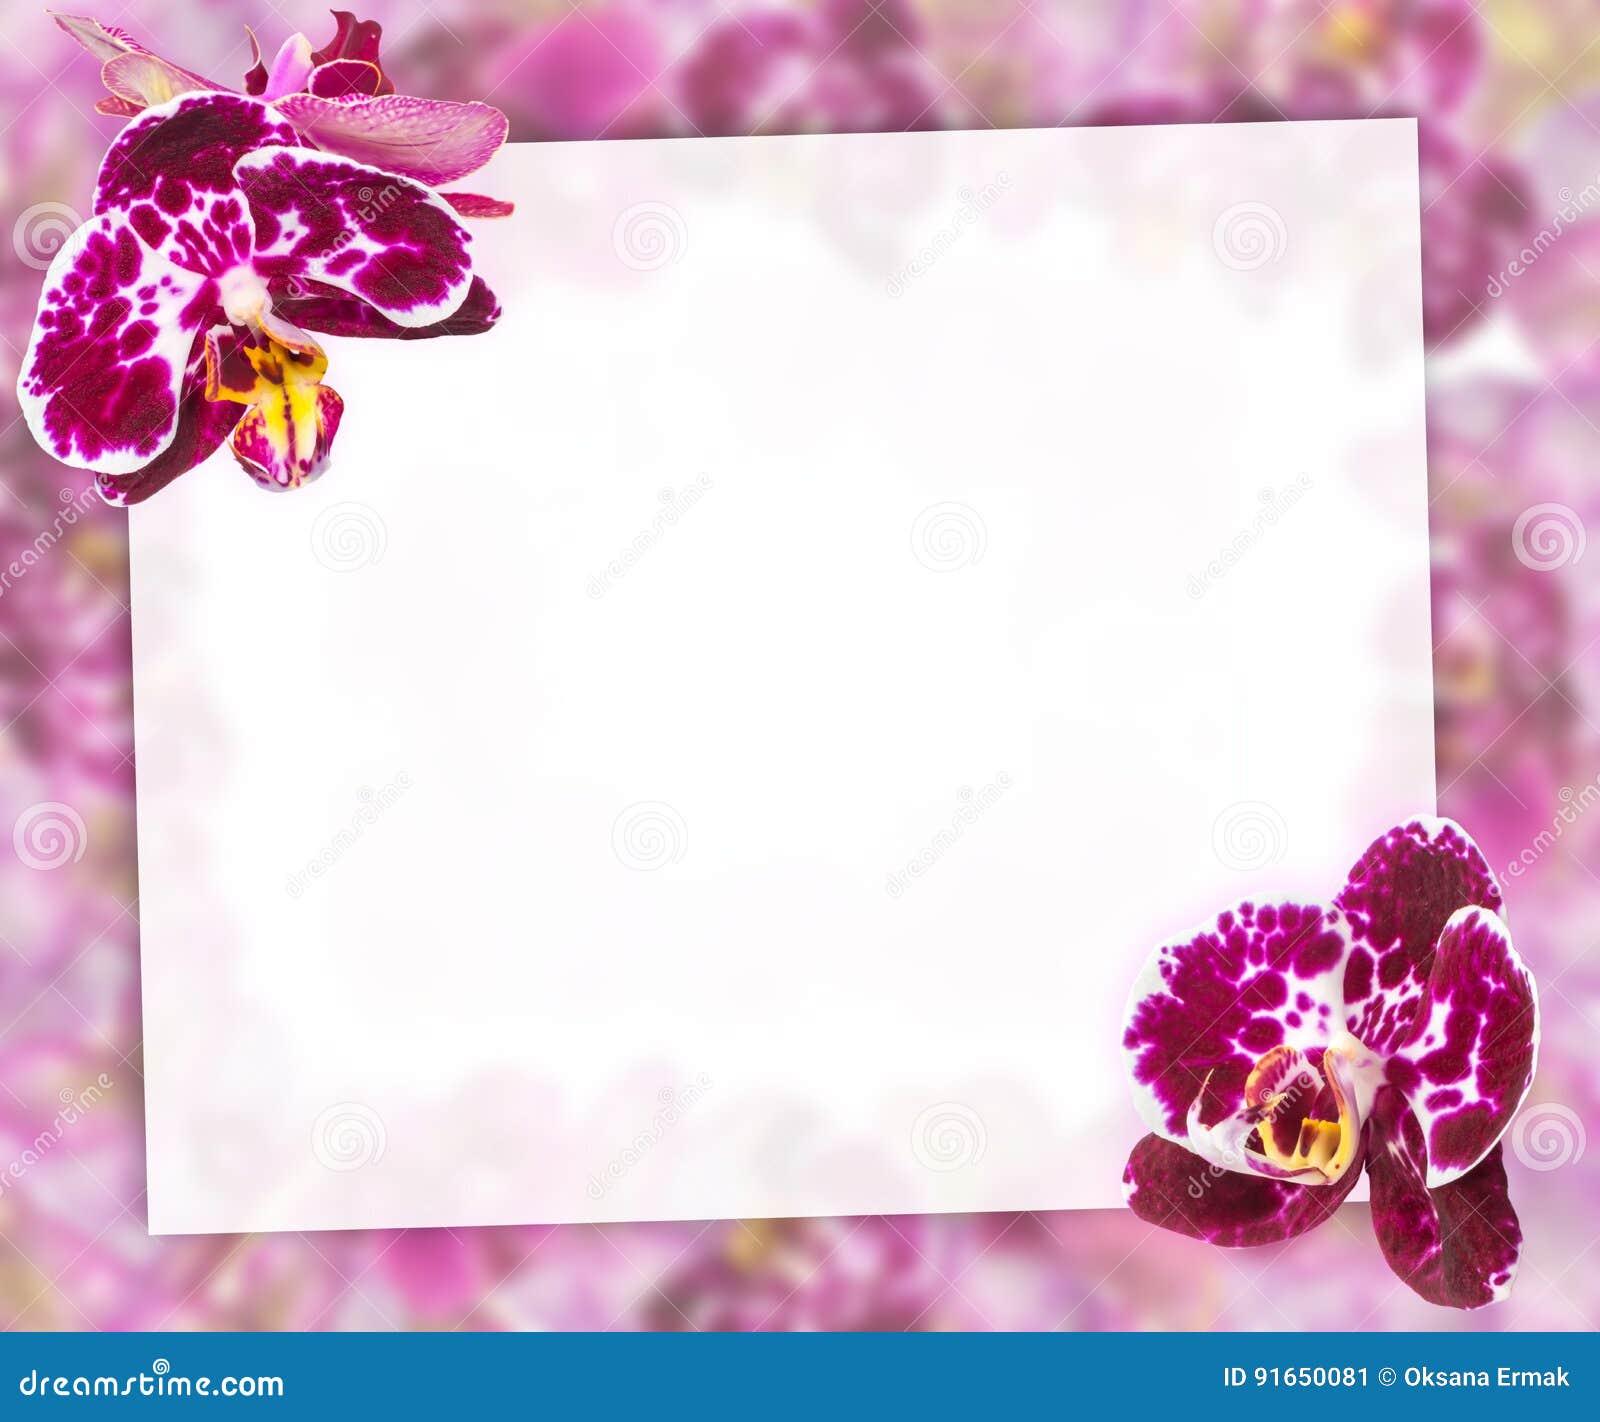 Schöne Rosa Orchideen-Grenze Für Gruß-Karte Oder Reizenden Blumen ...